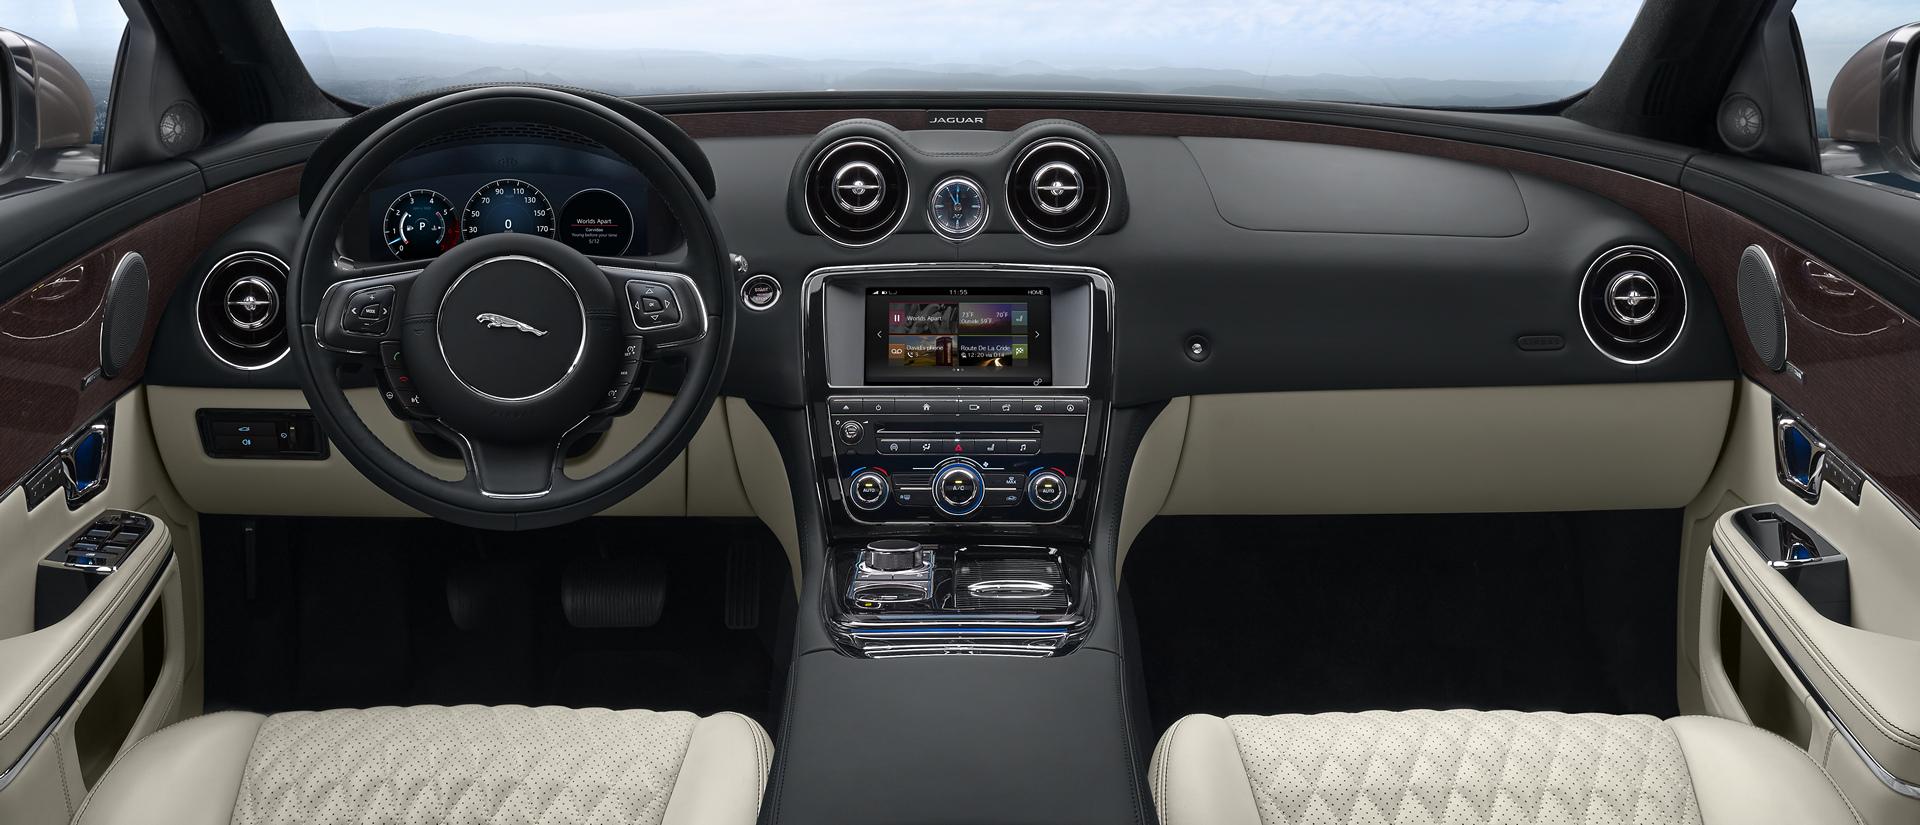 2016 Jaguar XJ © Tata Group